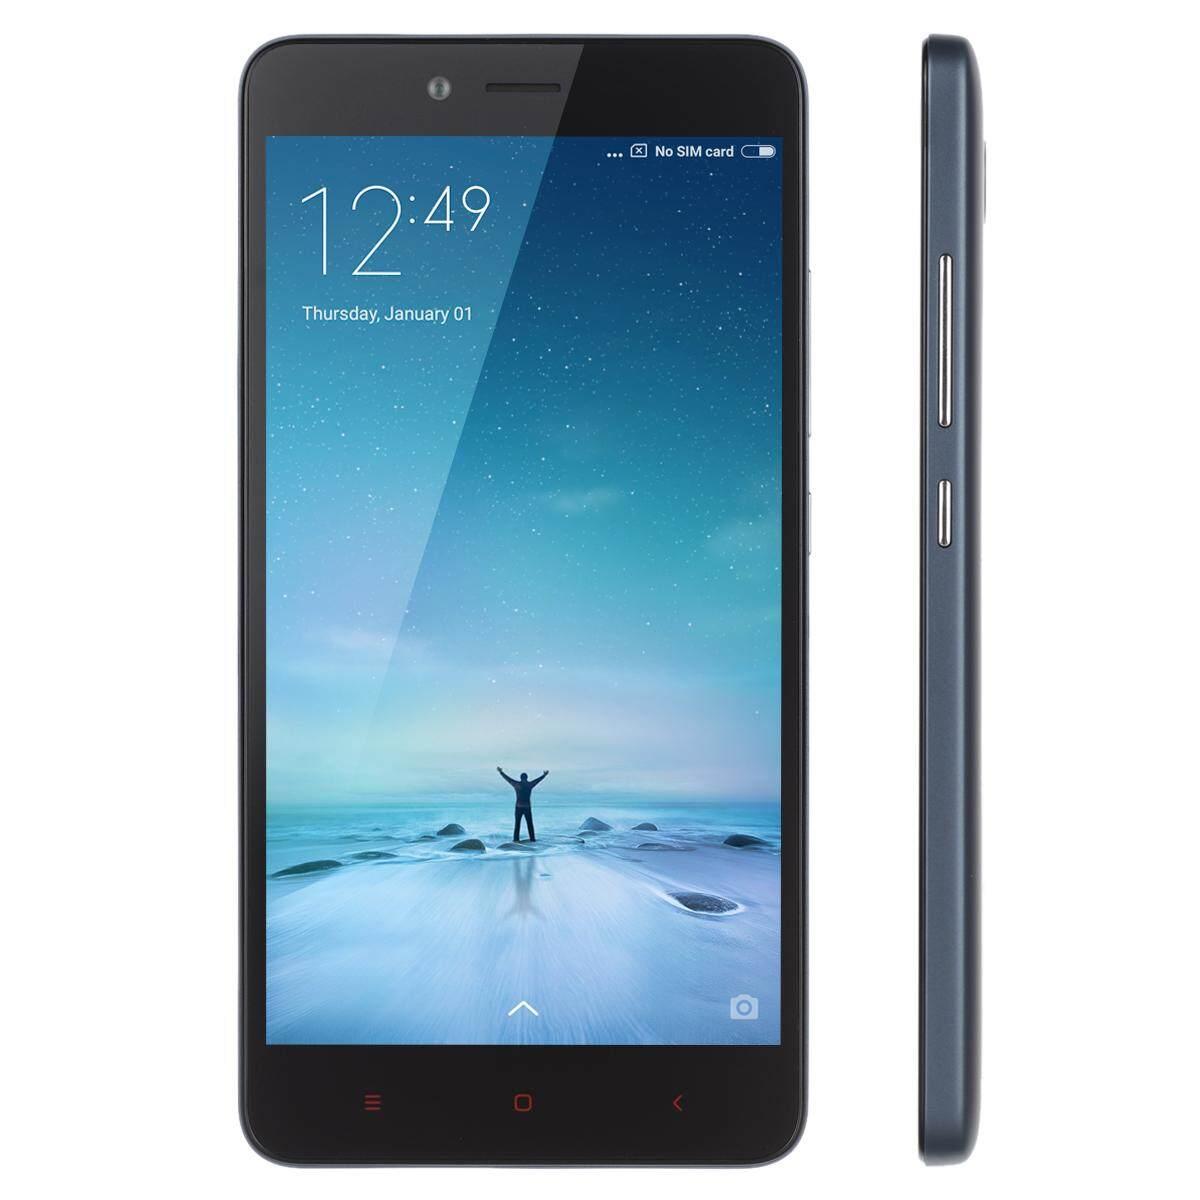 การใช้งาน  ชัยภูมิ Xiaomi Redmi Note2 Android 5.0 โทรศัพท์ W/2 กิกะไบต์ RAM 16 กิกะไบต์ ROM - Dark Grey - INTL